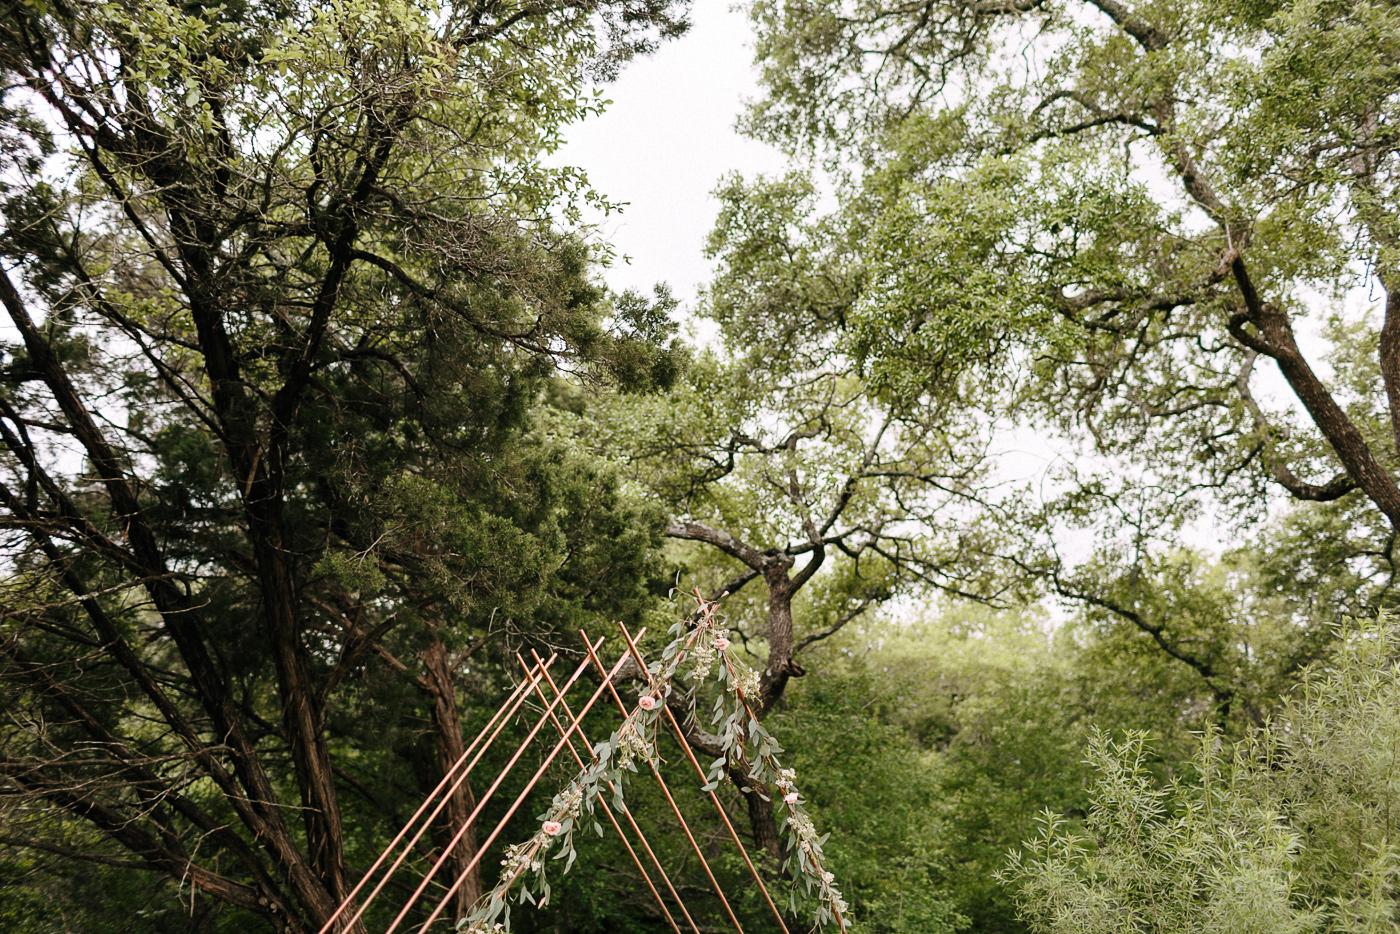 304-wimberley-texas-intimate-backyard-wedding.jpg